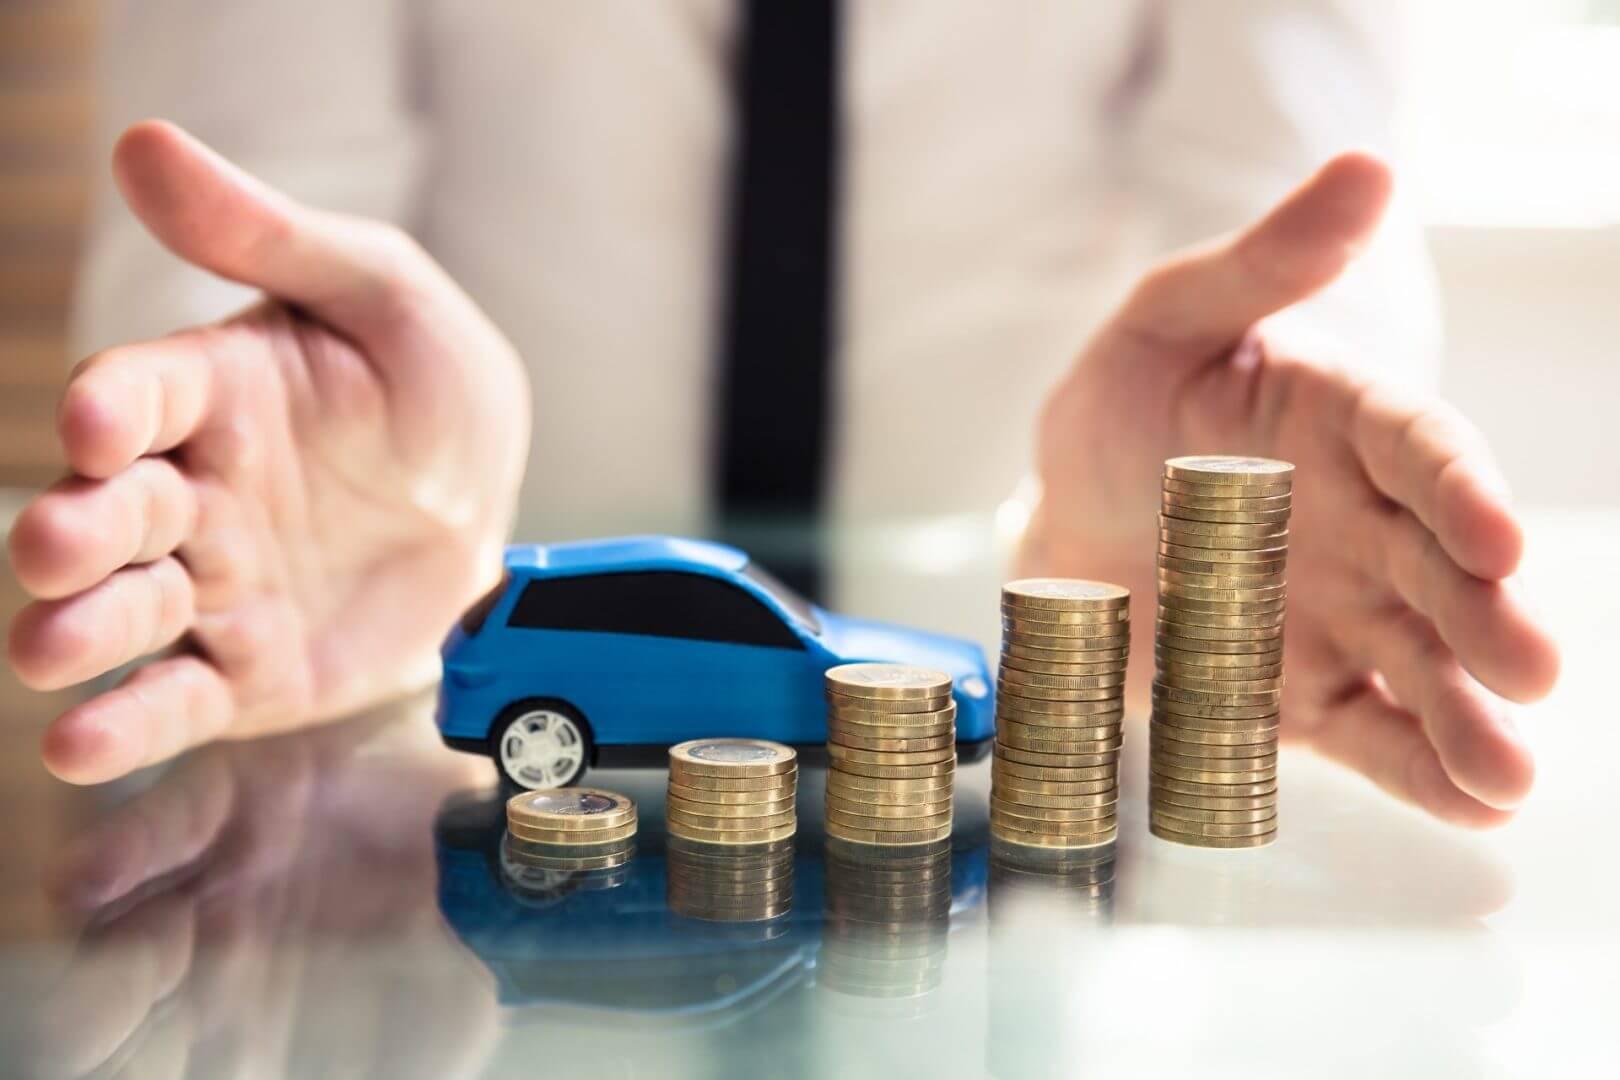 Ochrona auta i pieniędzy